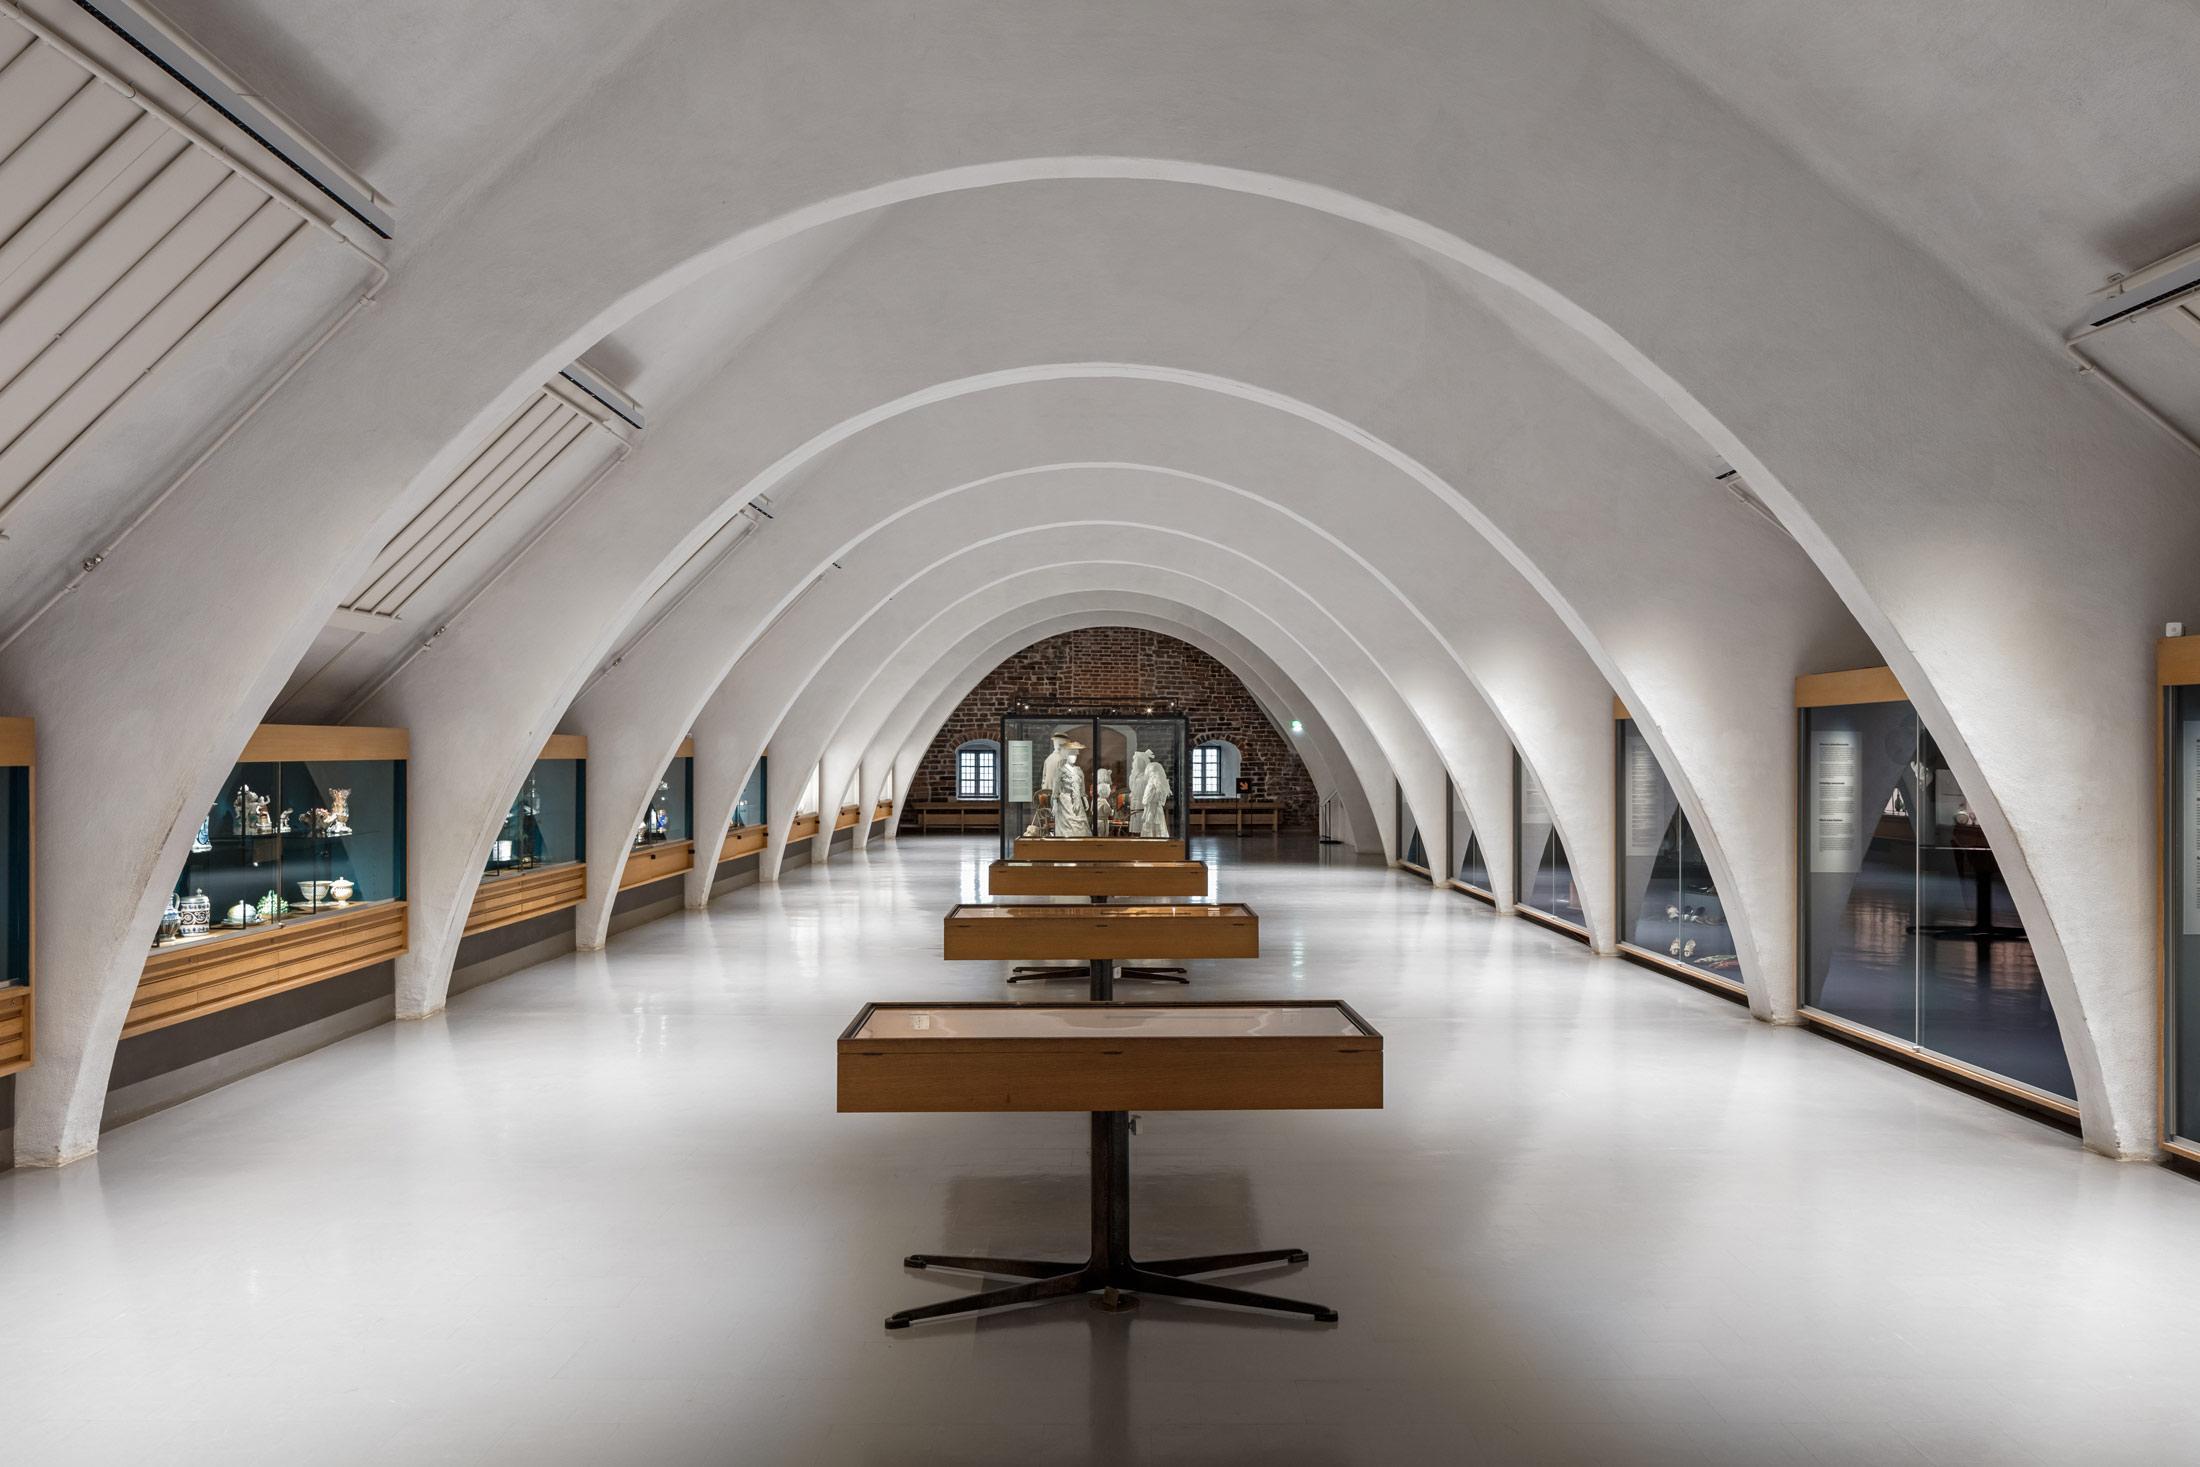 KT Interior, arkkitehtoniset valaisimet.